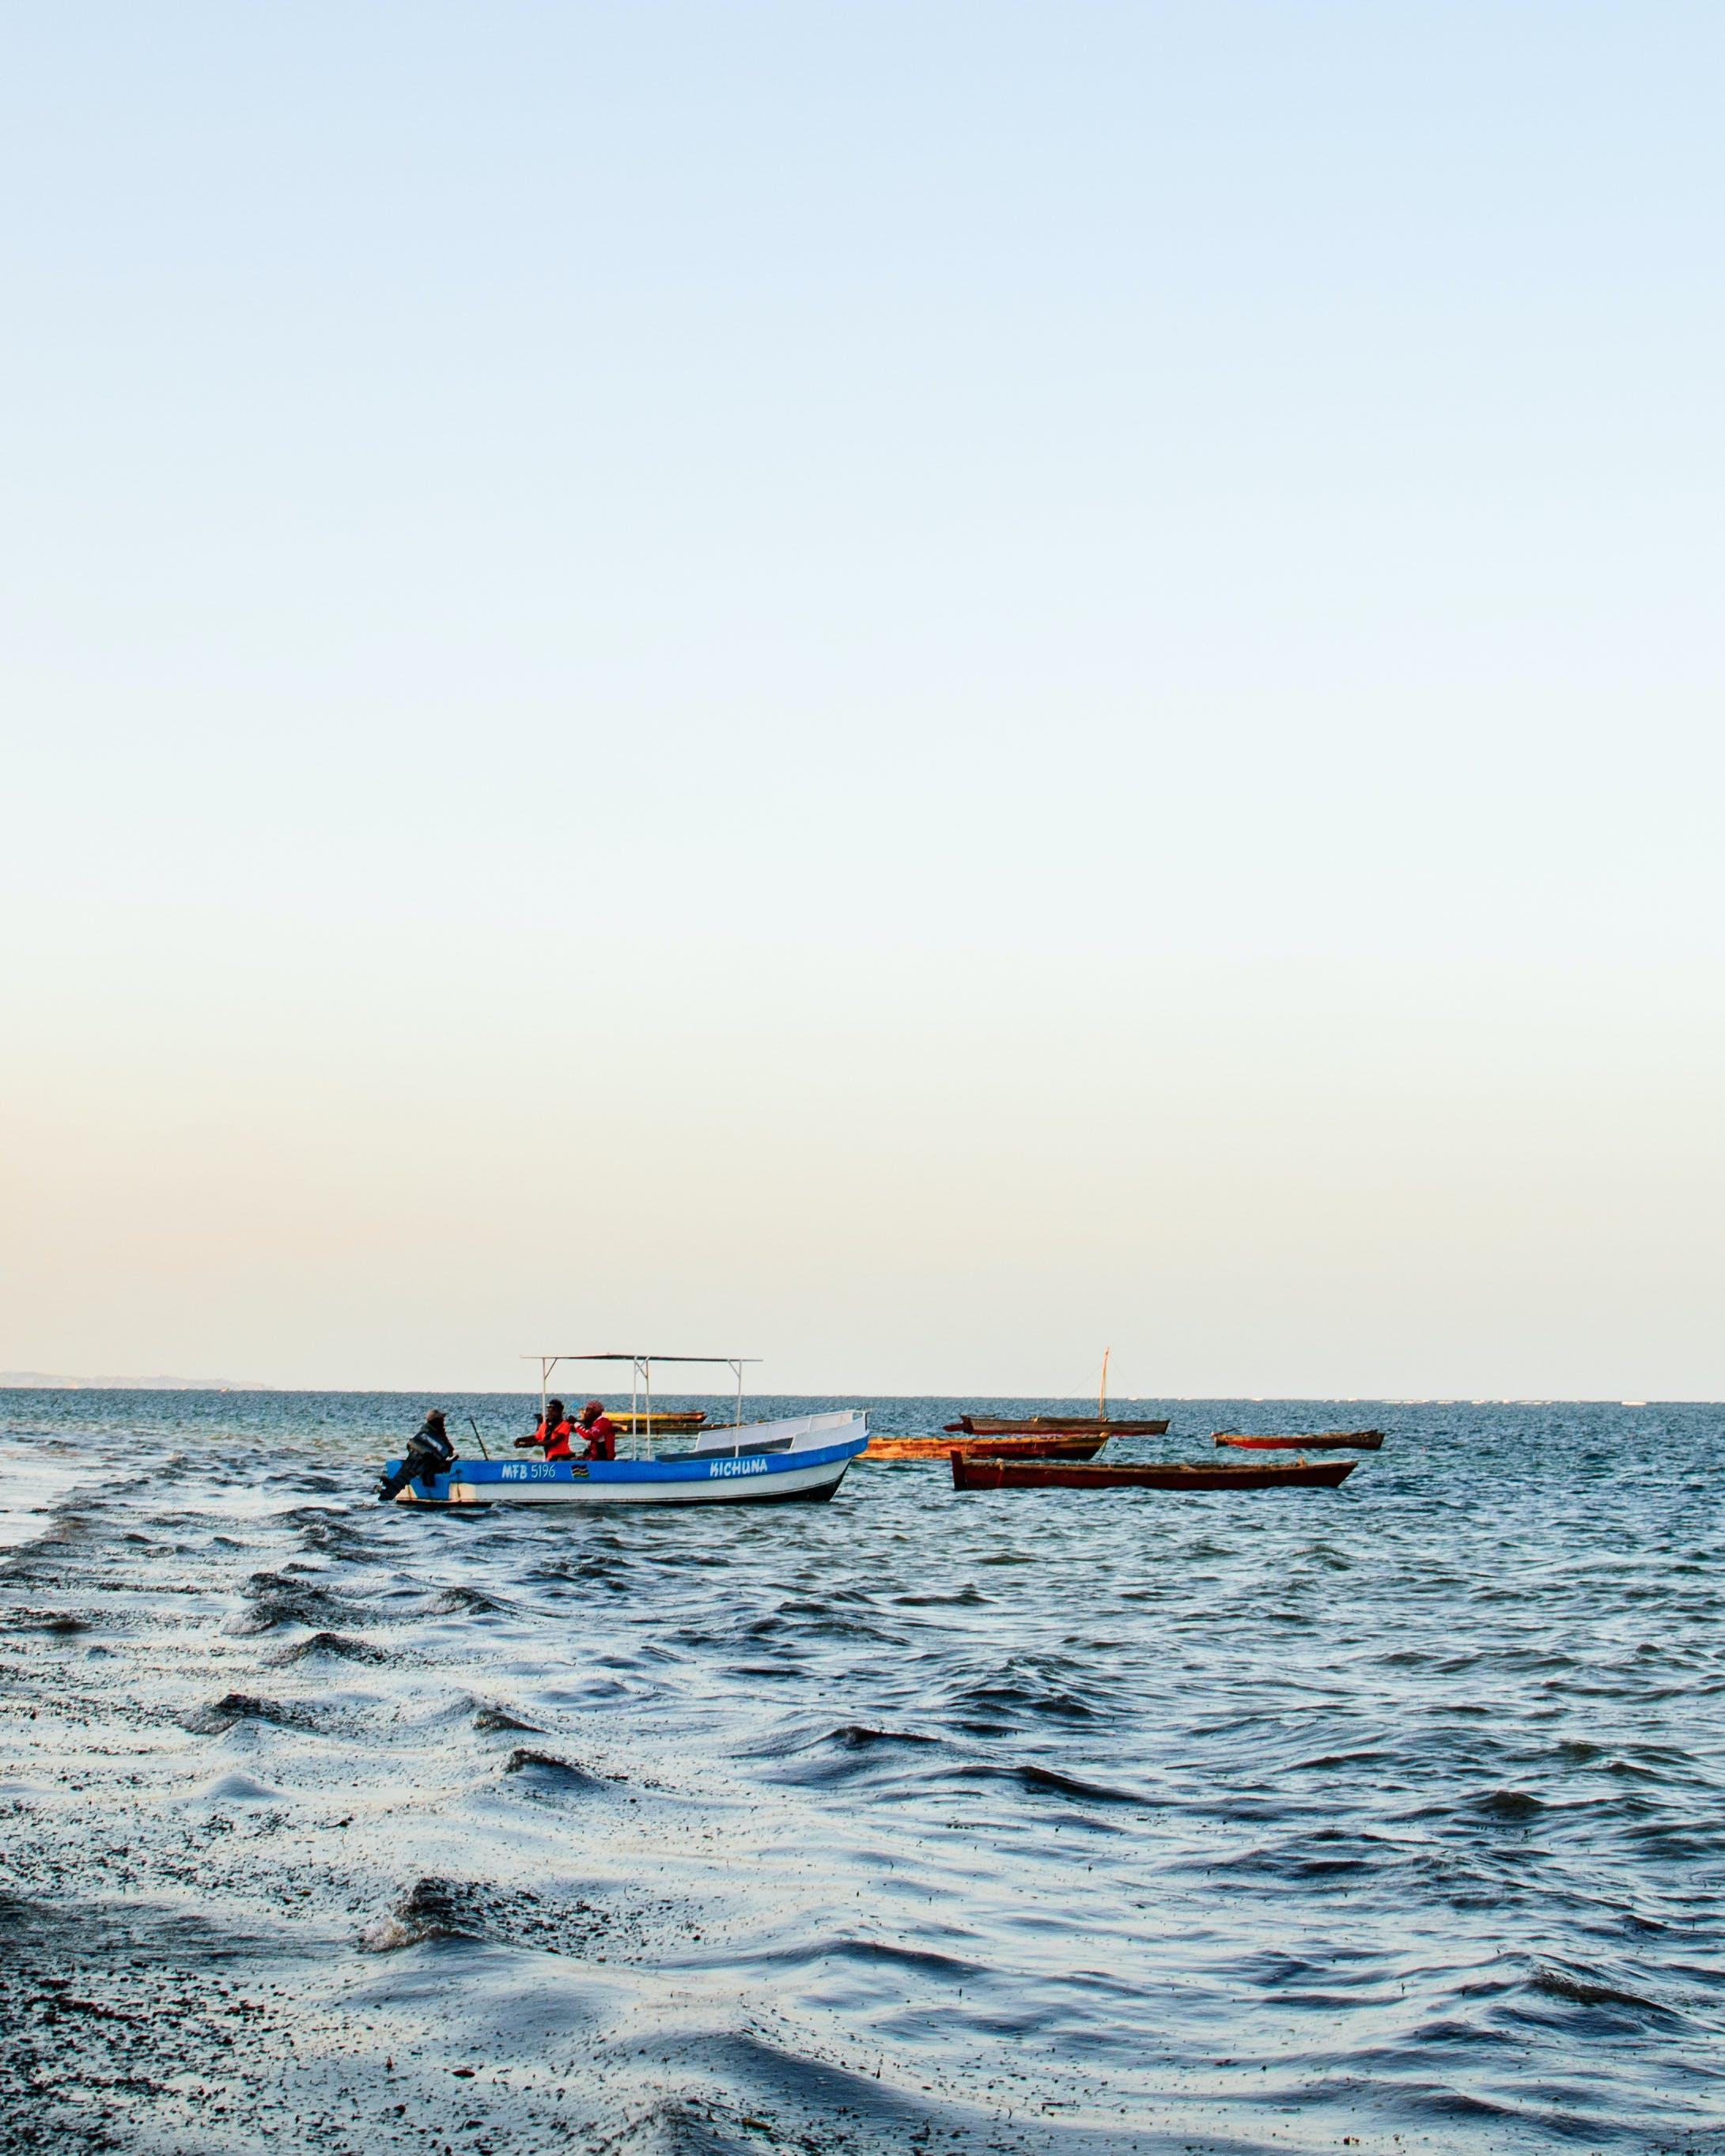 deniz, deniz araçları, gemiler, okyanus içeren Ücretsiz stok fotoğraf